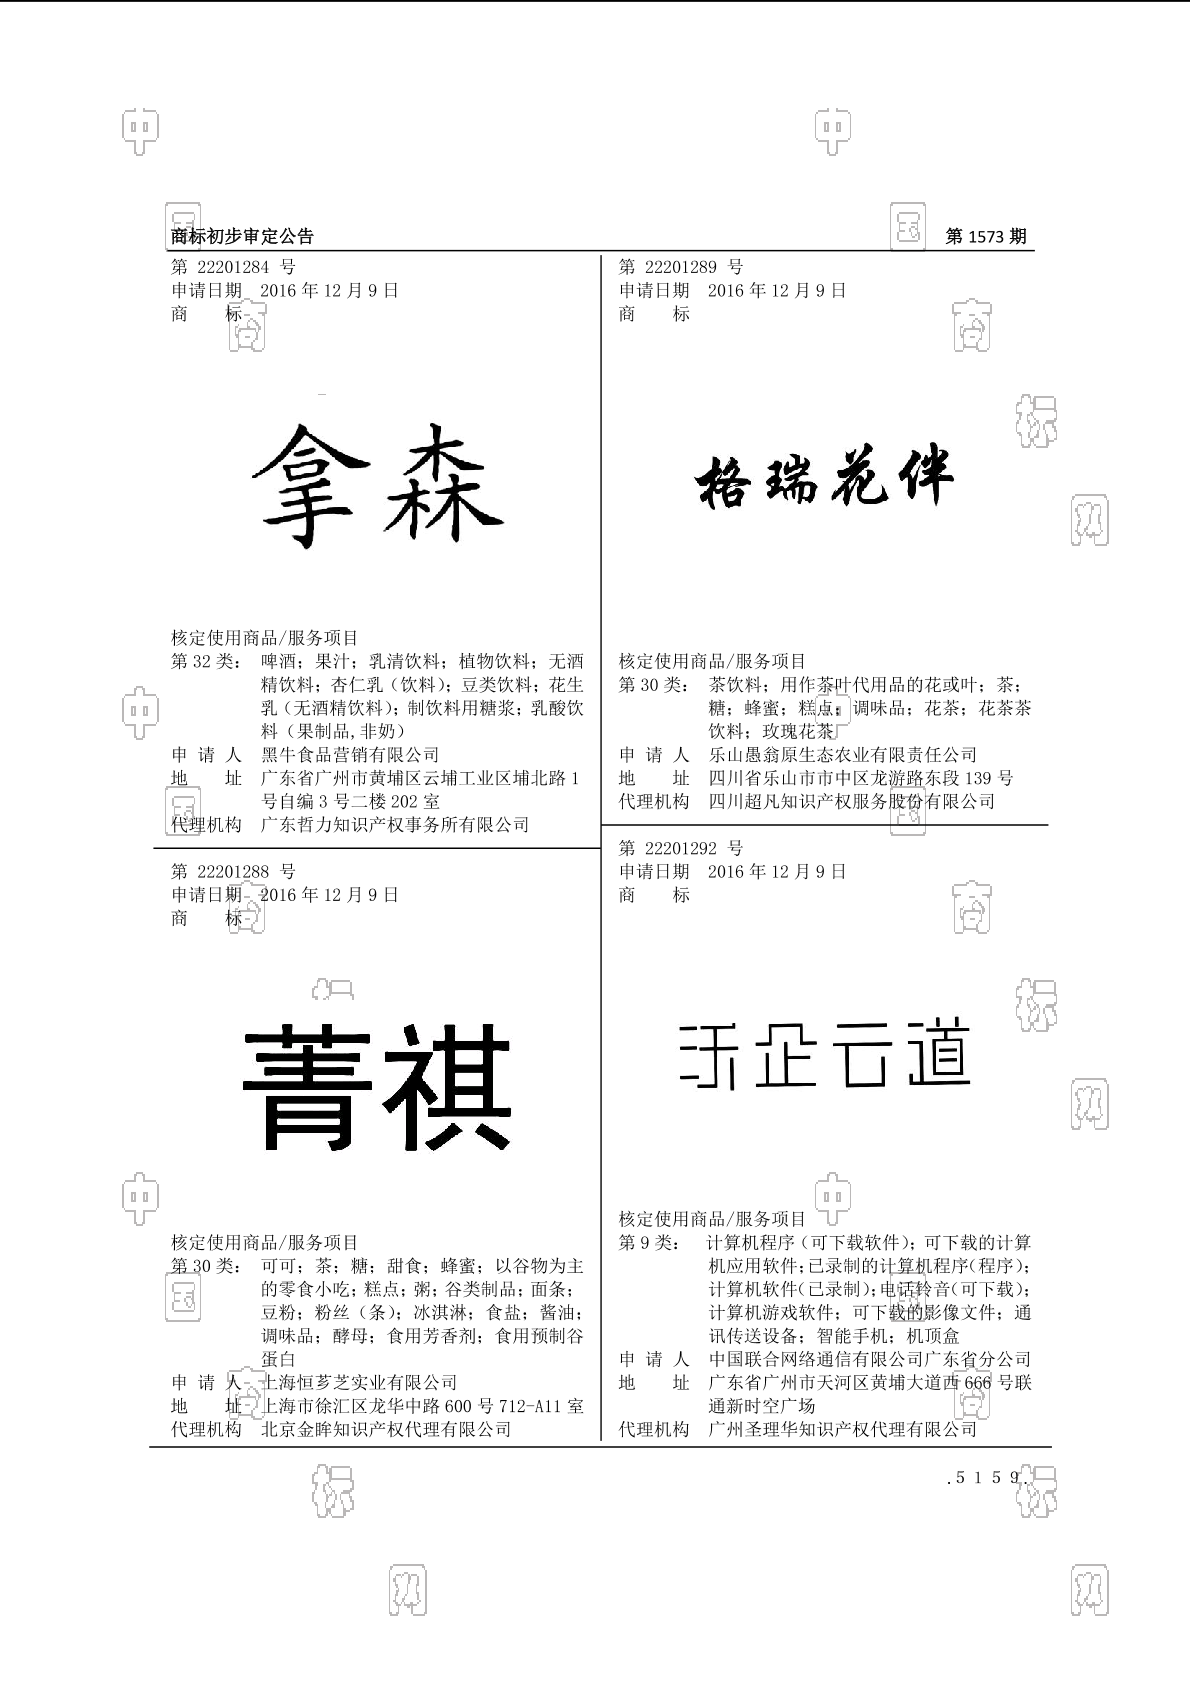 【社标网】拿森商标状态注册号信息 广州市拿森生物科技有限公司商标信息-商标查询